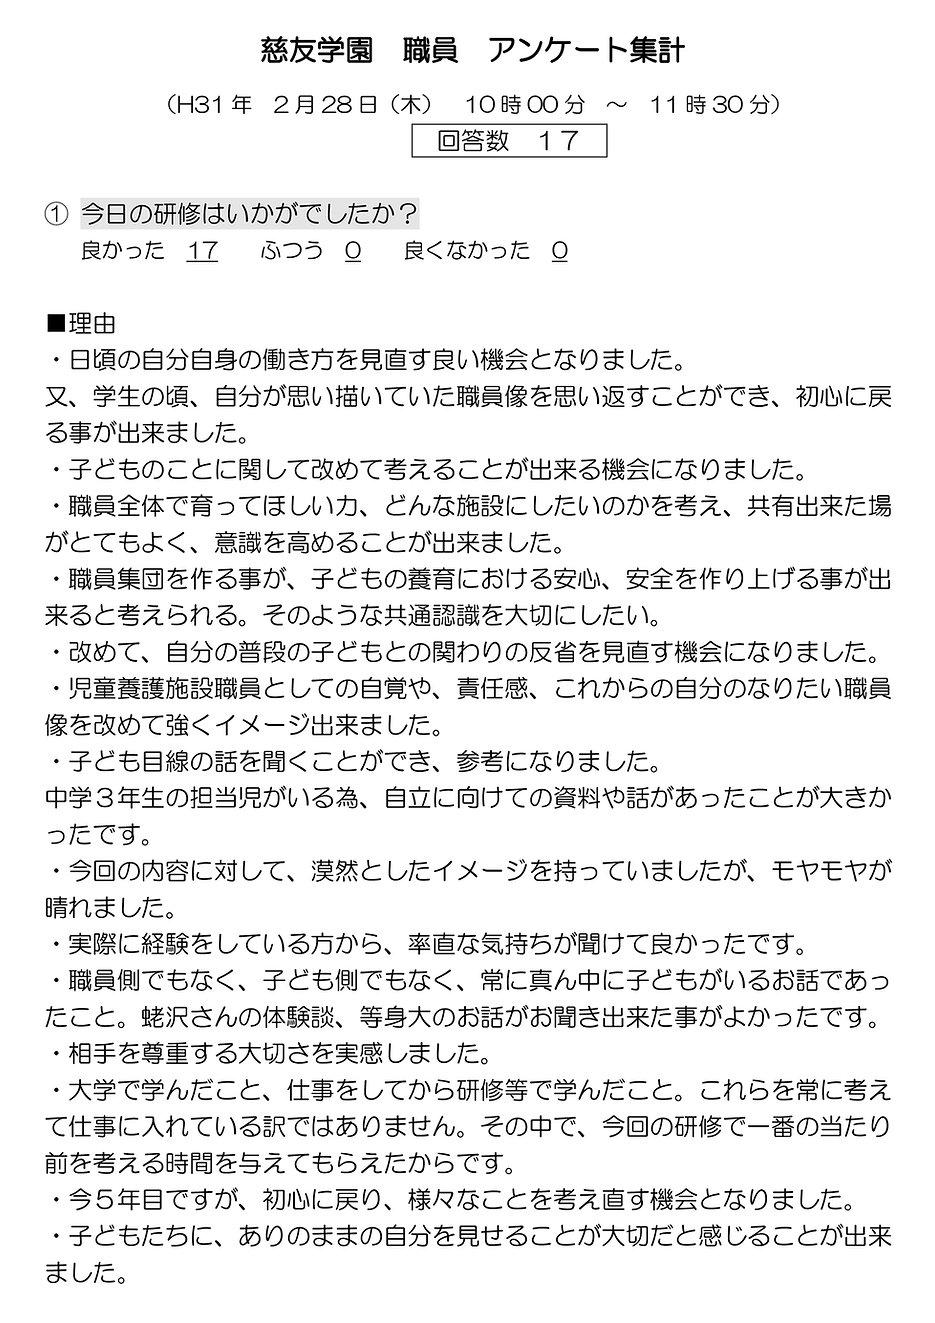 慈友学園職員研修アンケート集計(31.2.28) (1)-1.jpg